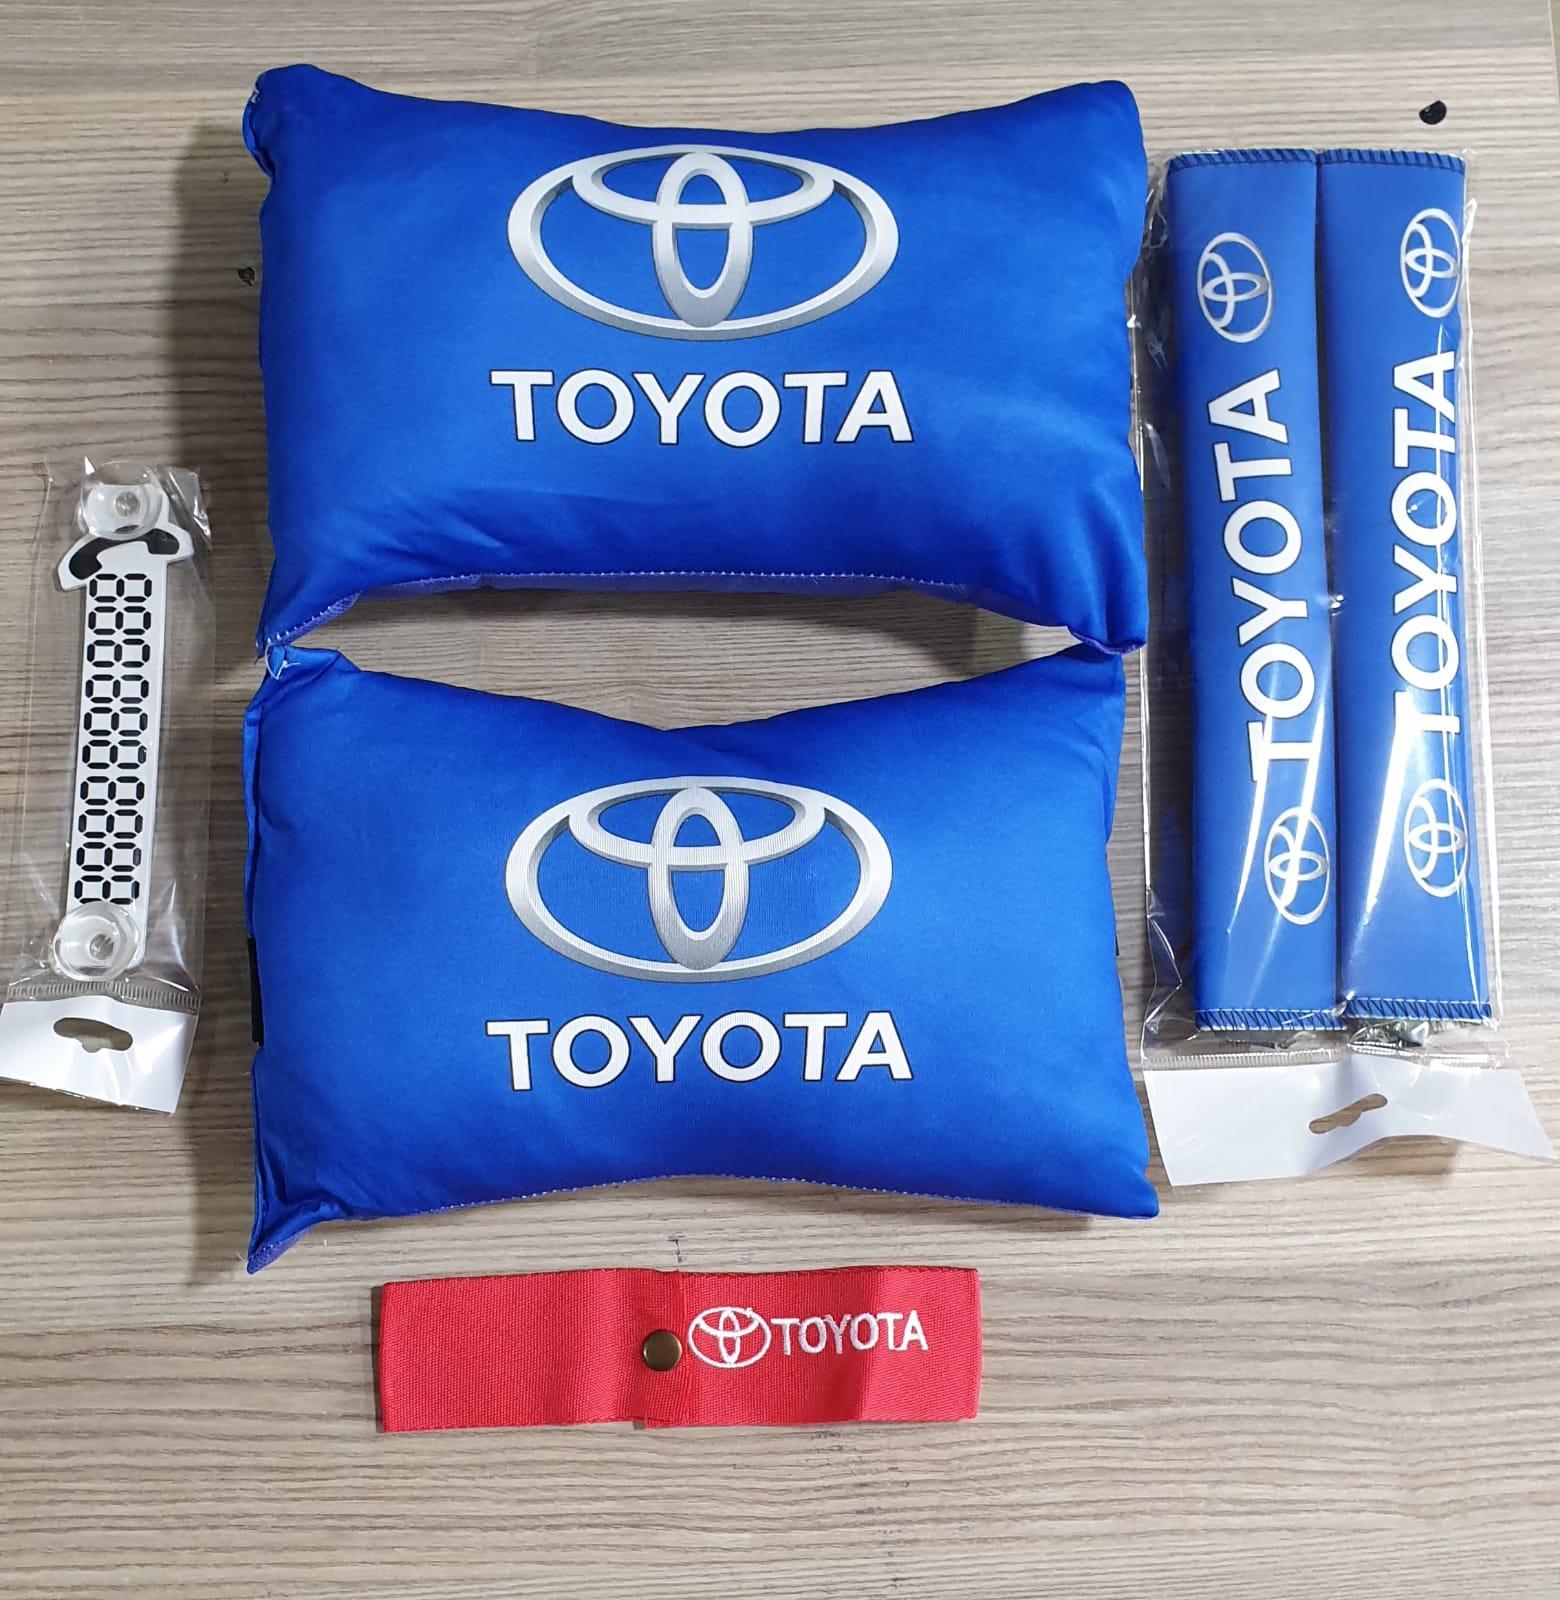 Toyota 2 Boyun Yastık 2kemer parktel tampon dili Sticker HEDİYE